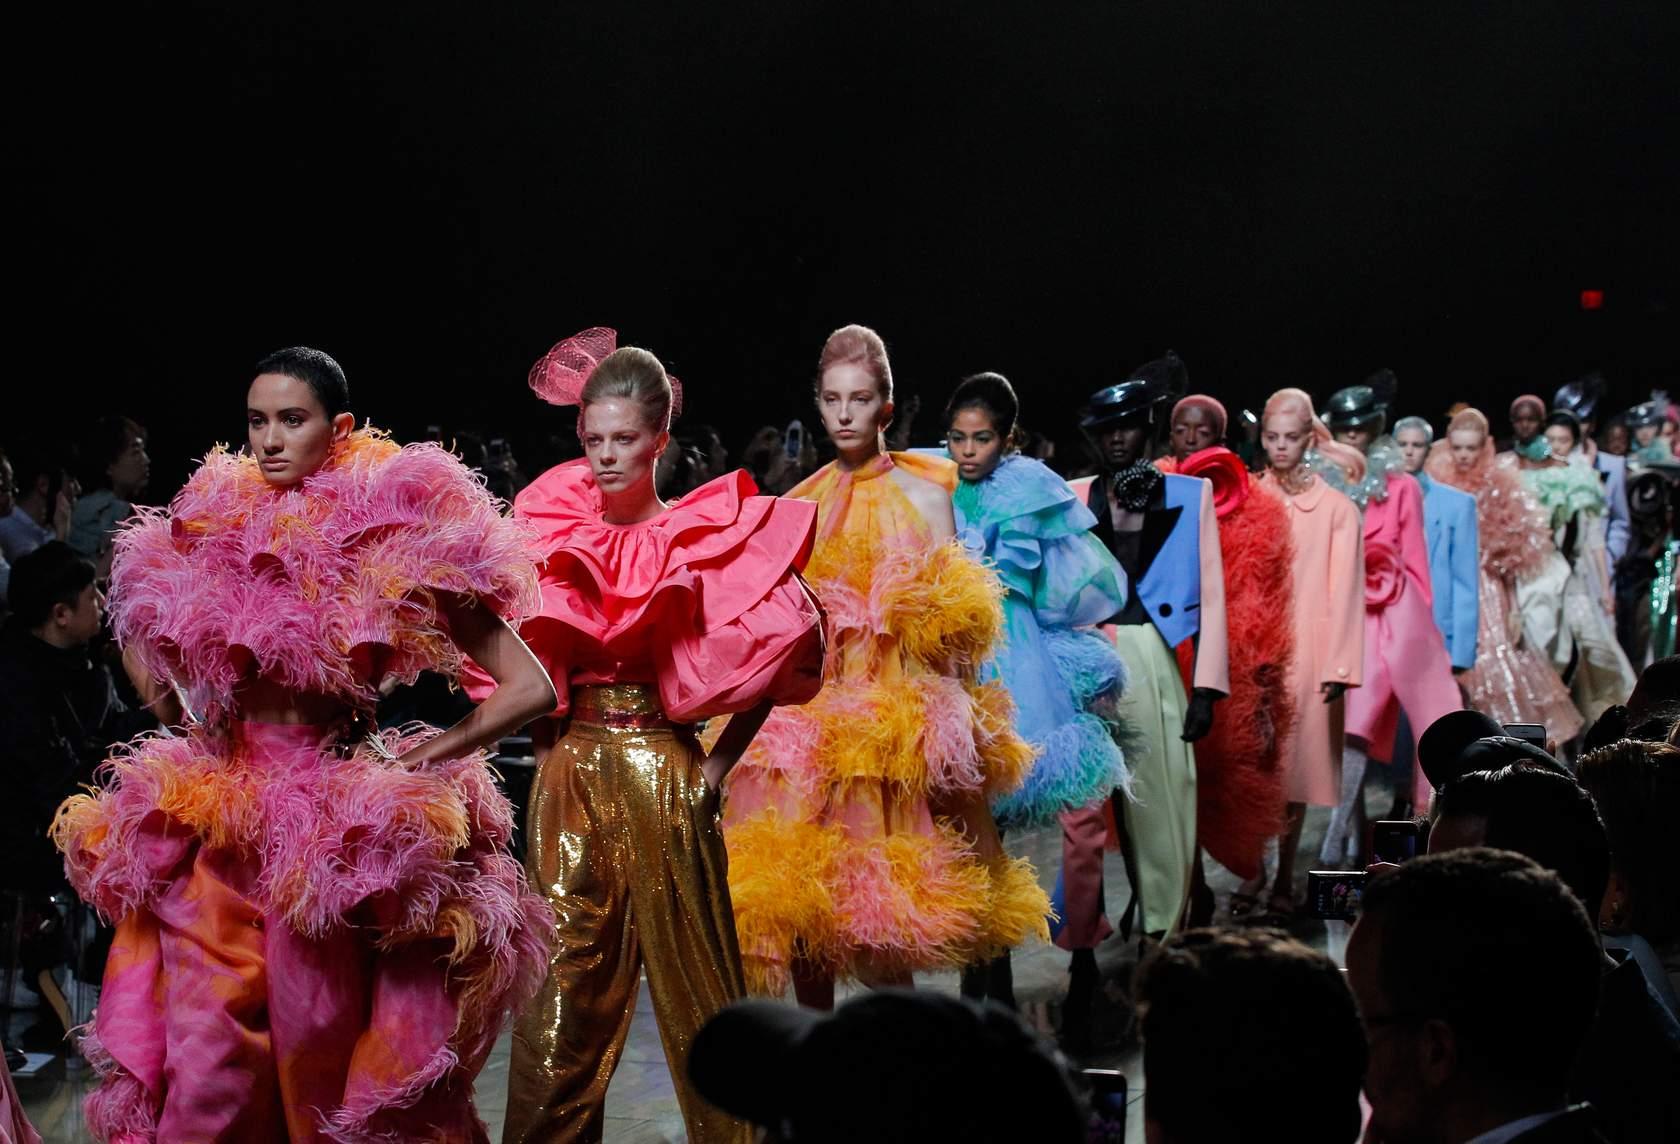 xu hướng thời trang lên ngôi tại Tuần lễ Thời trang Xuân – Hè 2019 52